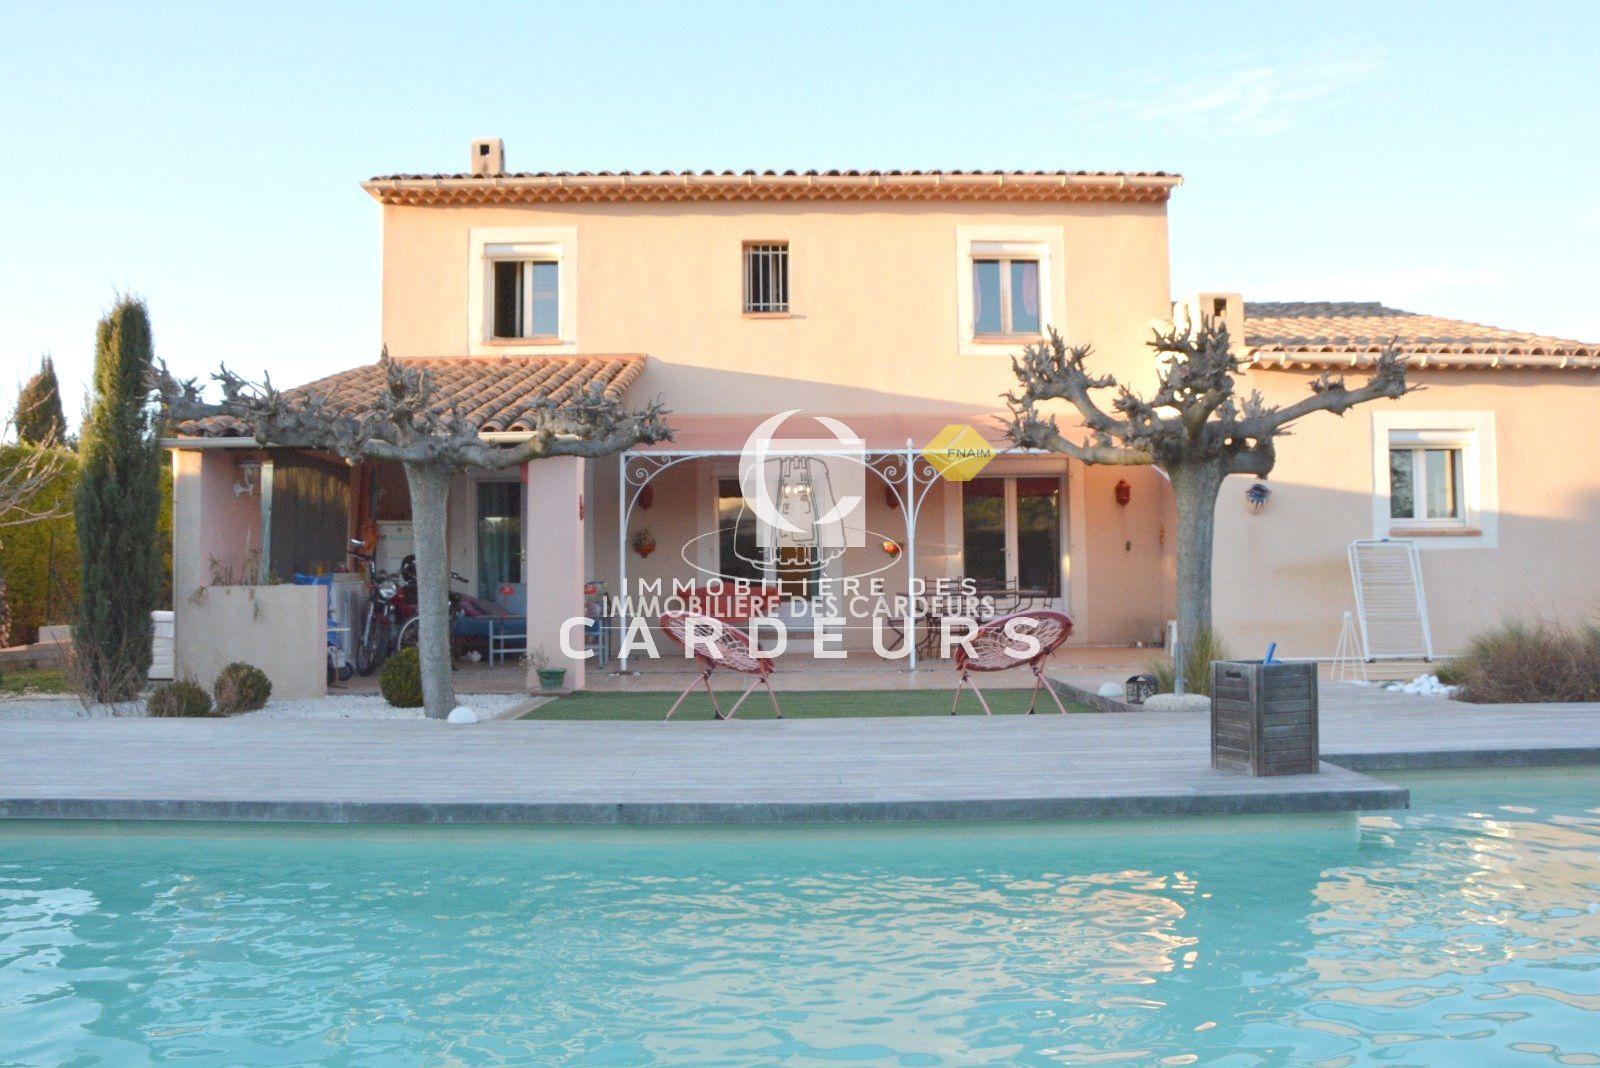 Vente maison et villa avec piscine jardin aix en for Maison de l emploi aix en provence